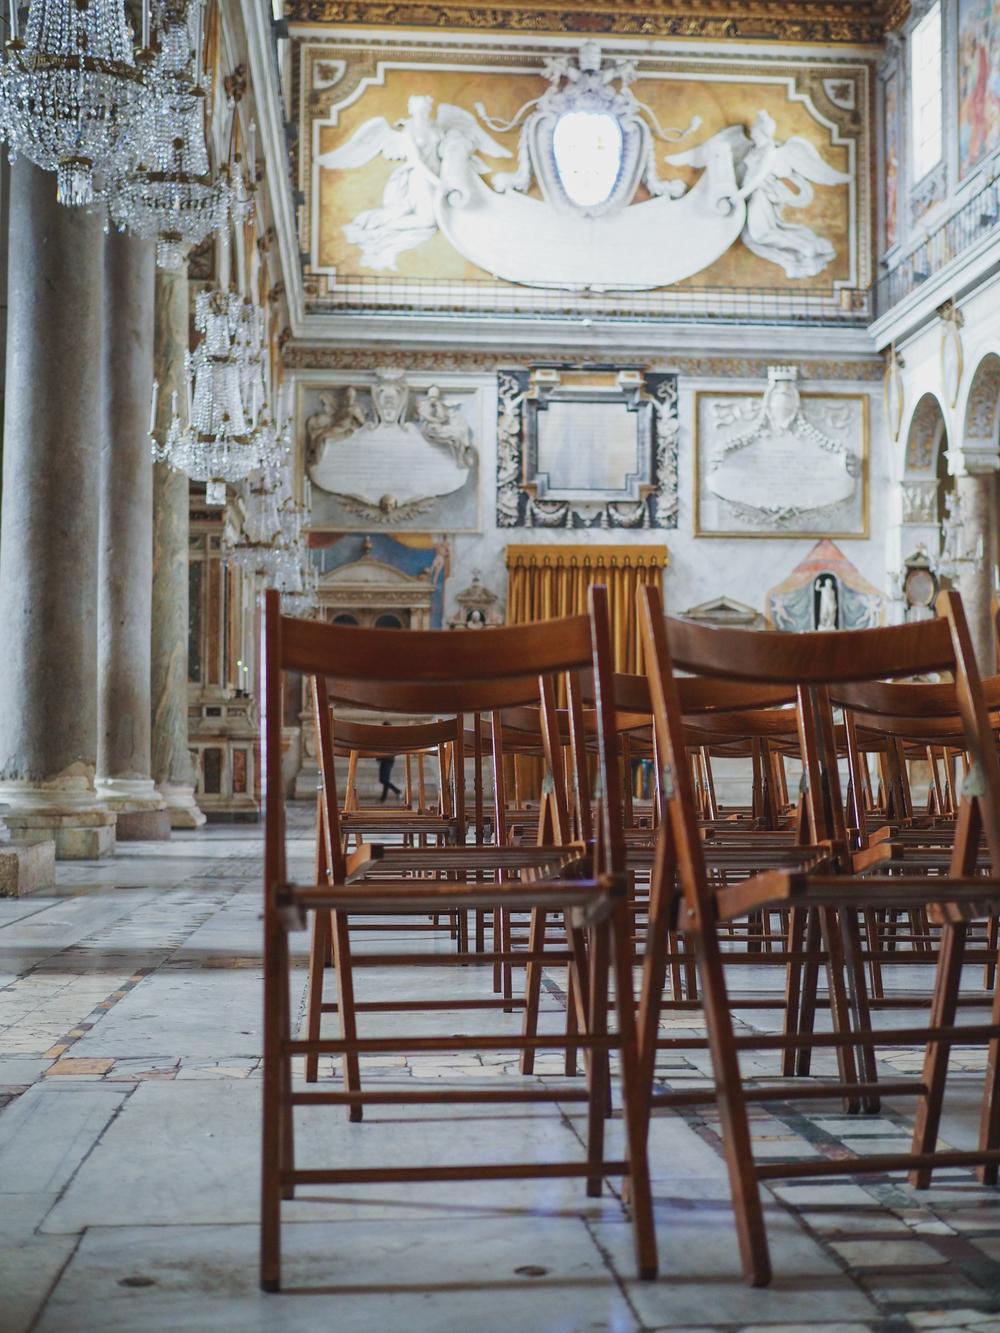 rome-italy-photo-diary-3-17